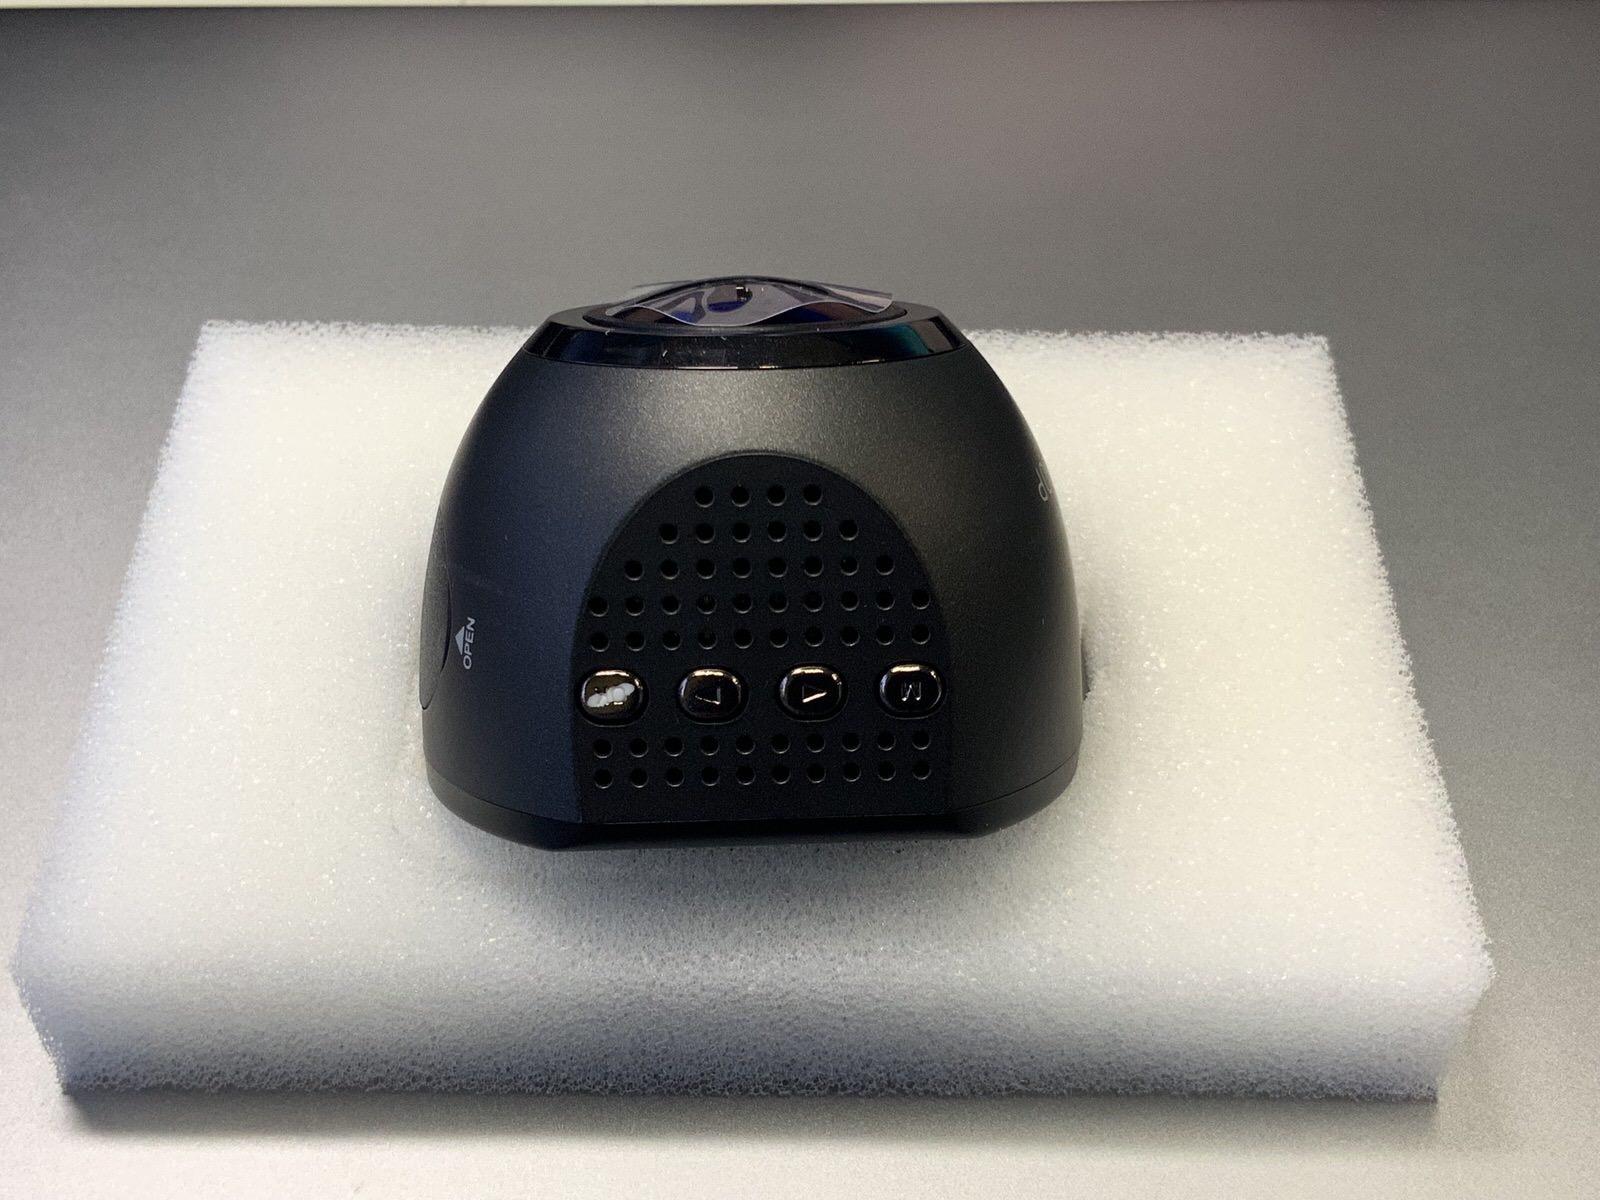 ドライブレコーダー WiFi【2018年最新版】HQBKiNG WiFi ドラレコ 1080PフルHD SONYセンサー搭載 高画質 ミニ 小型車載カメラ-11